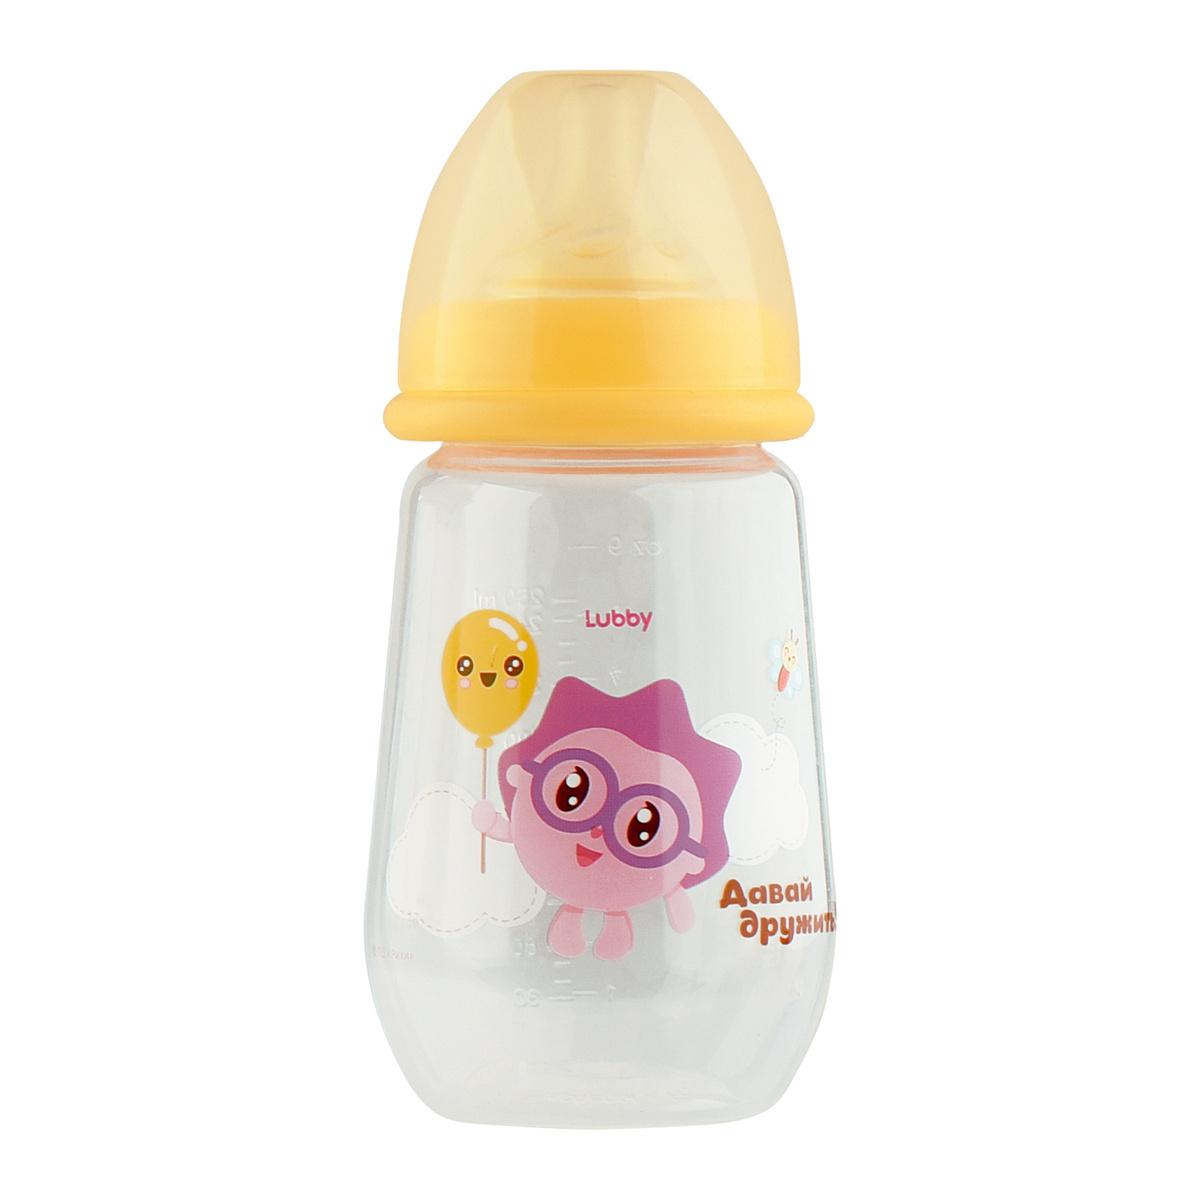 LUBBY Бутылочка для кормления с молочной соской и широким горлышком, от 0 мес, 250 мл,  #1